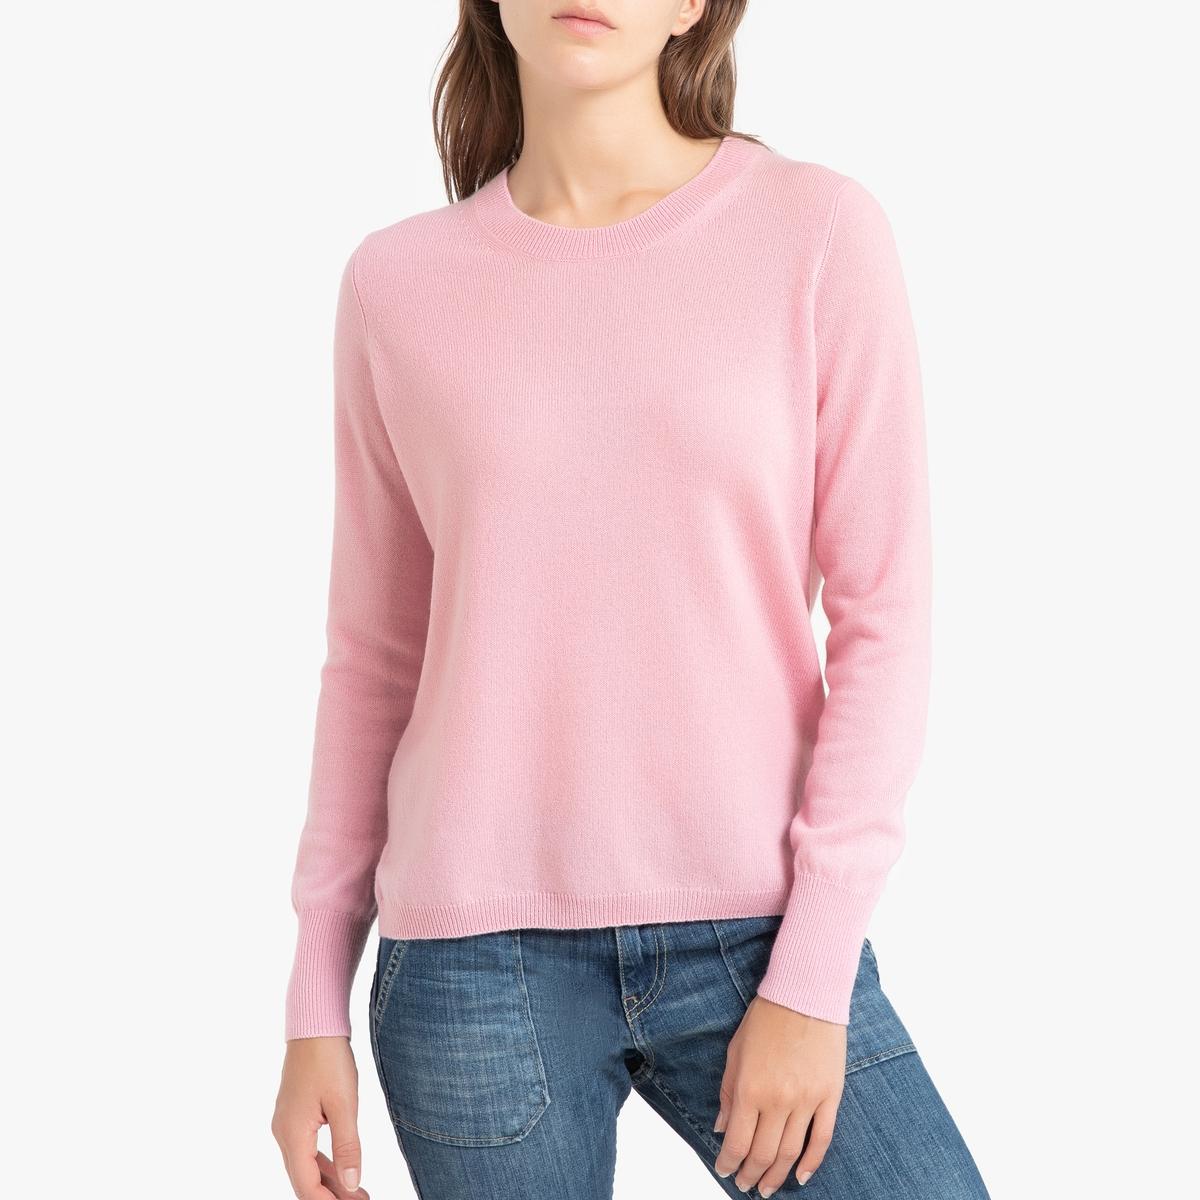 Пуловер La Redoute Кашемировый с круглым вырезом из тонкого трикотажа ROSE 2(M) розовый пуловер la redoute с круглым вырезом из тонкого трикотажа m красный